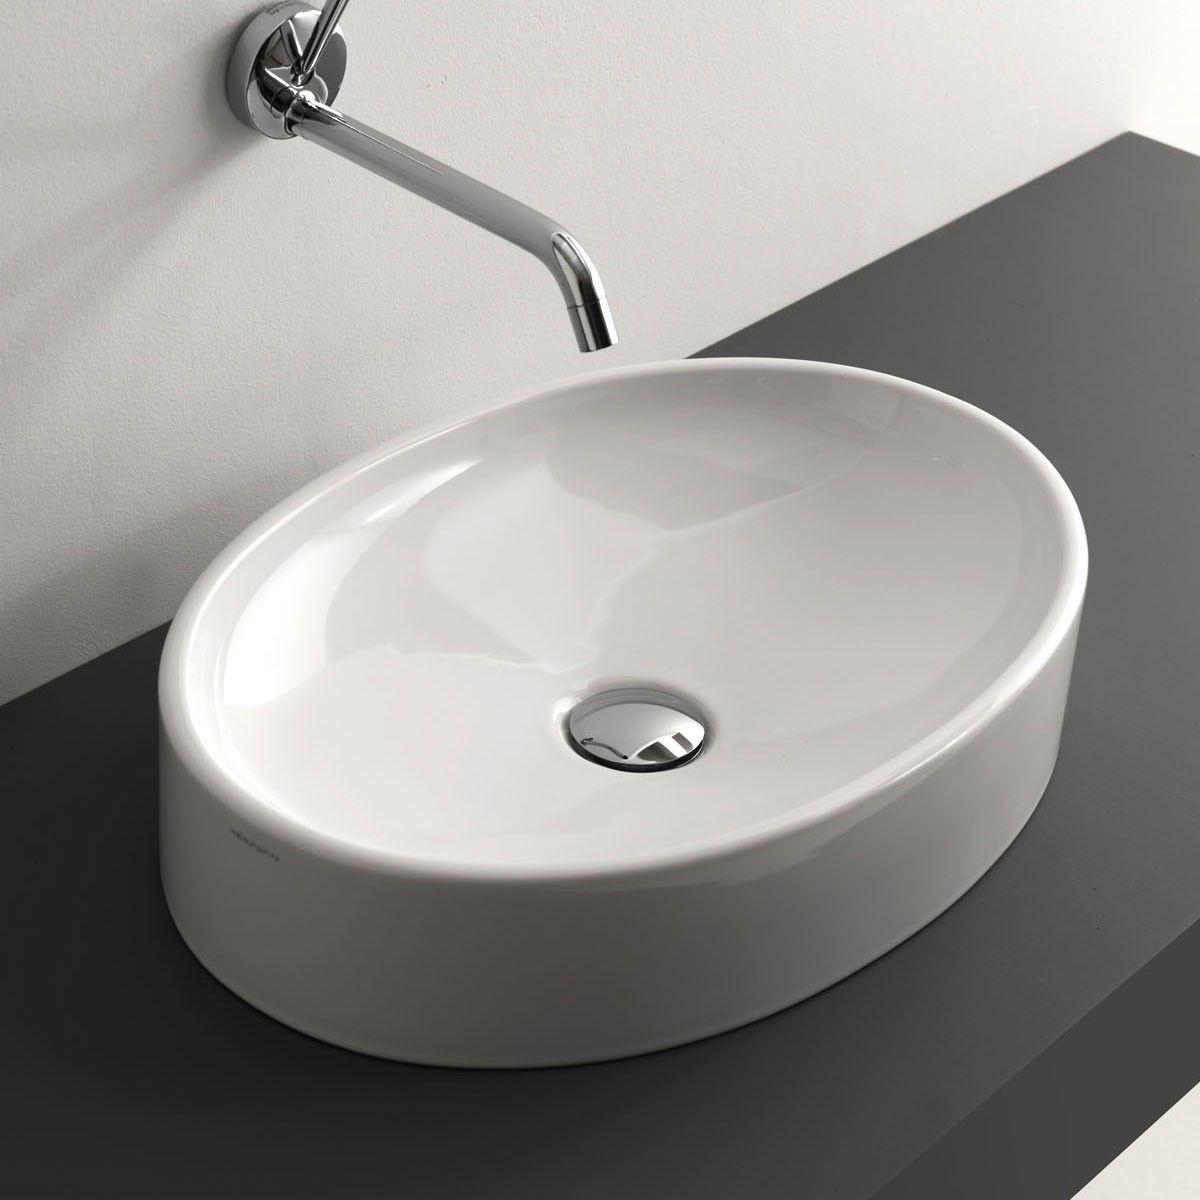 Ws Bath Collections Cento 3552 Vessel Bathroom Sink 19 7 X 13 8